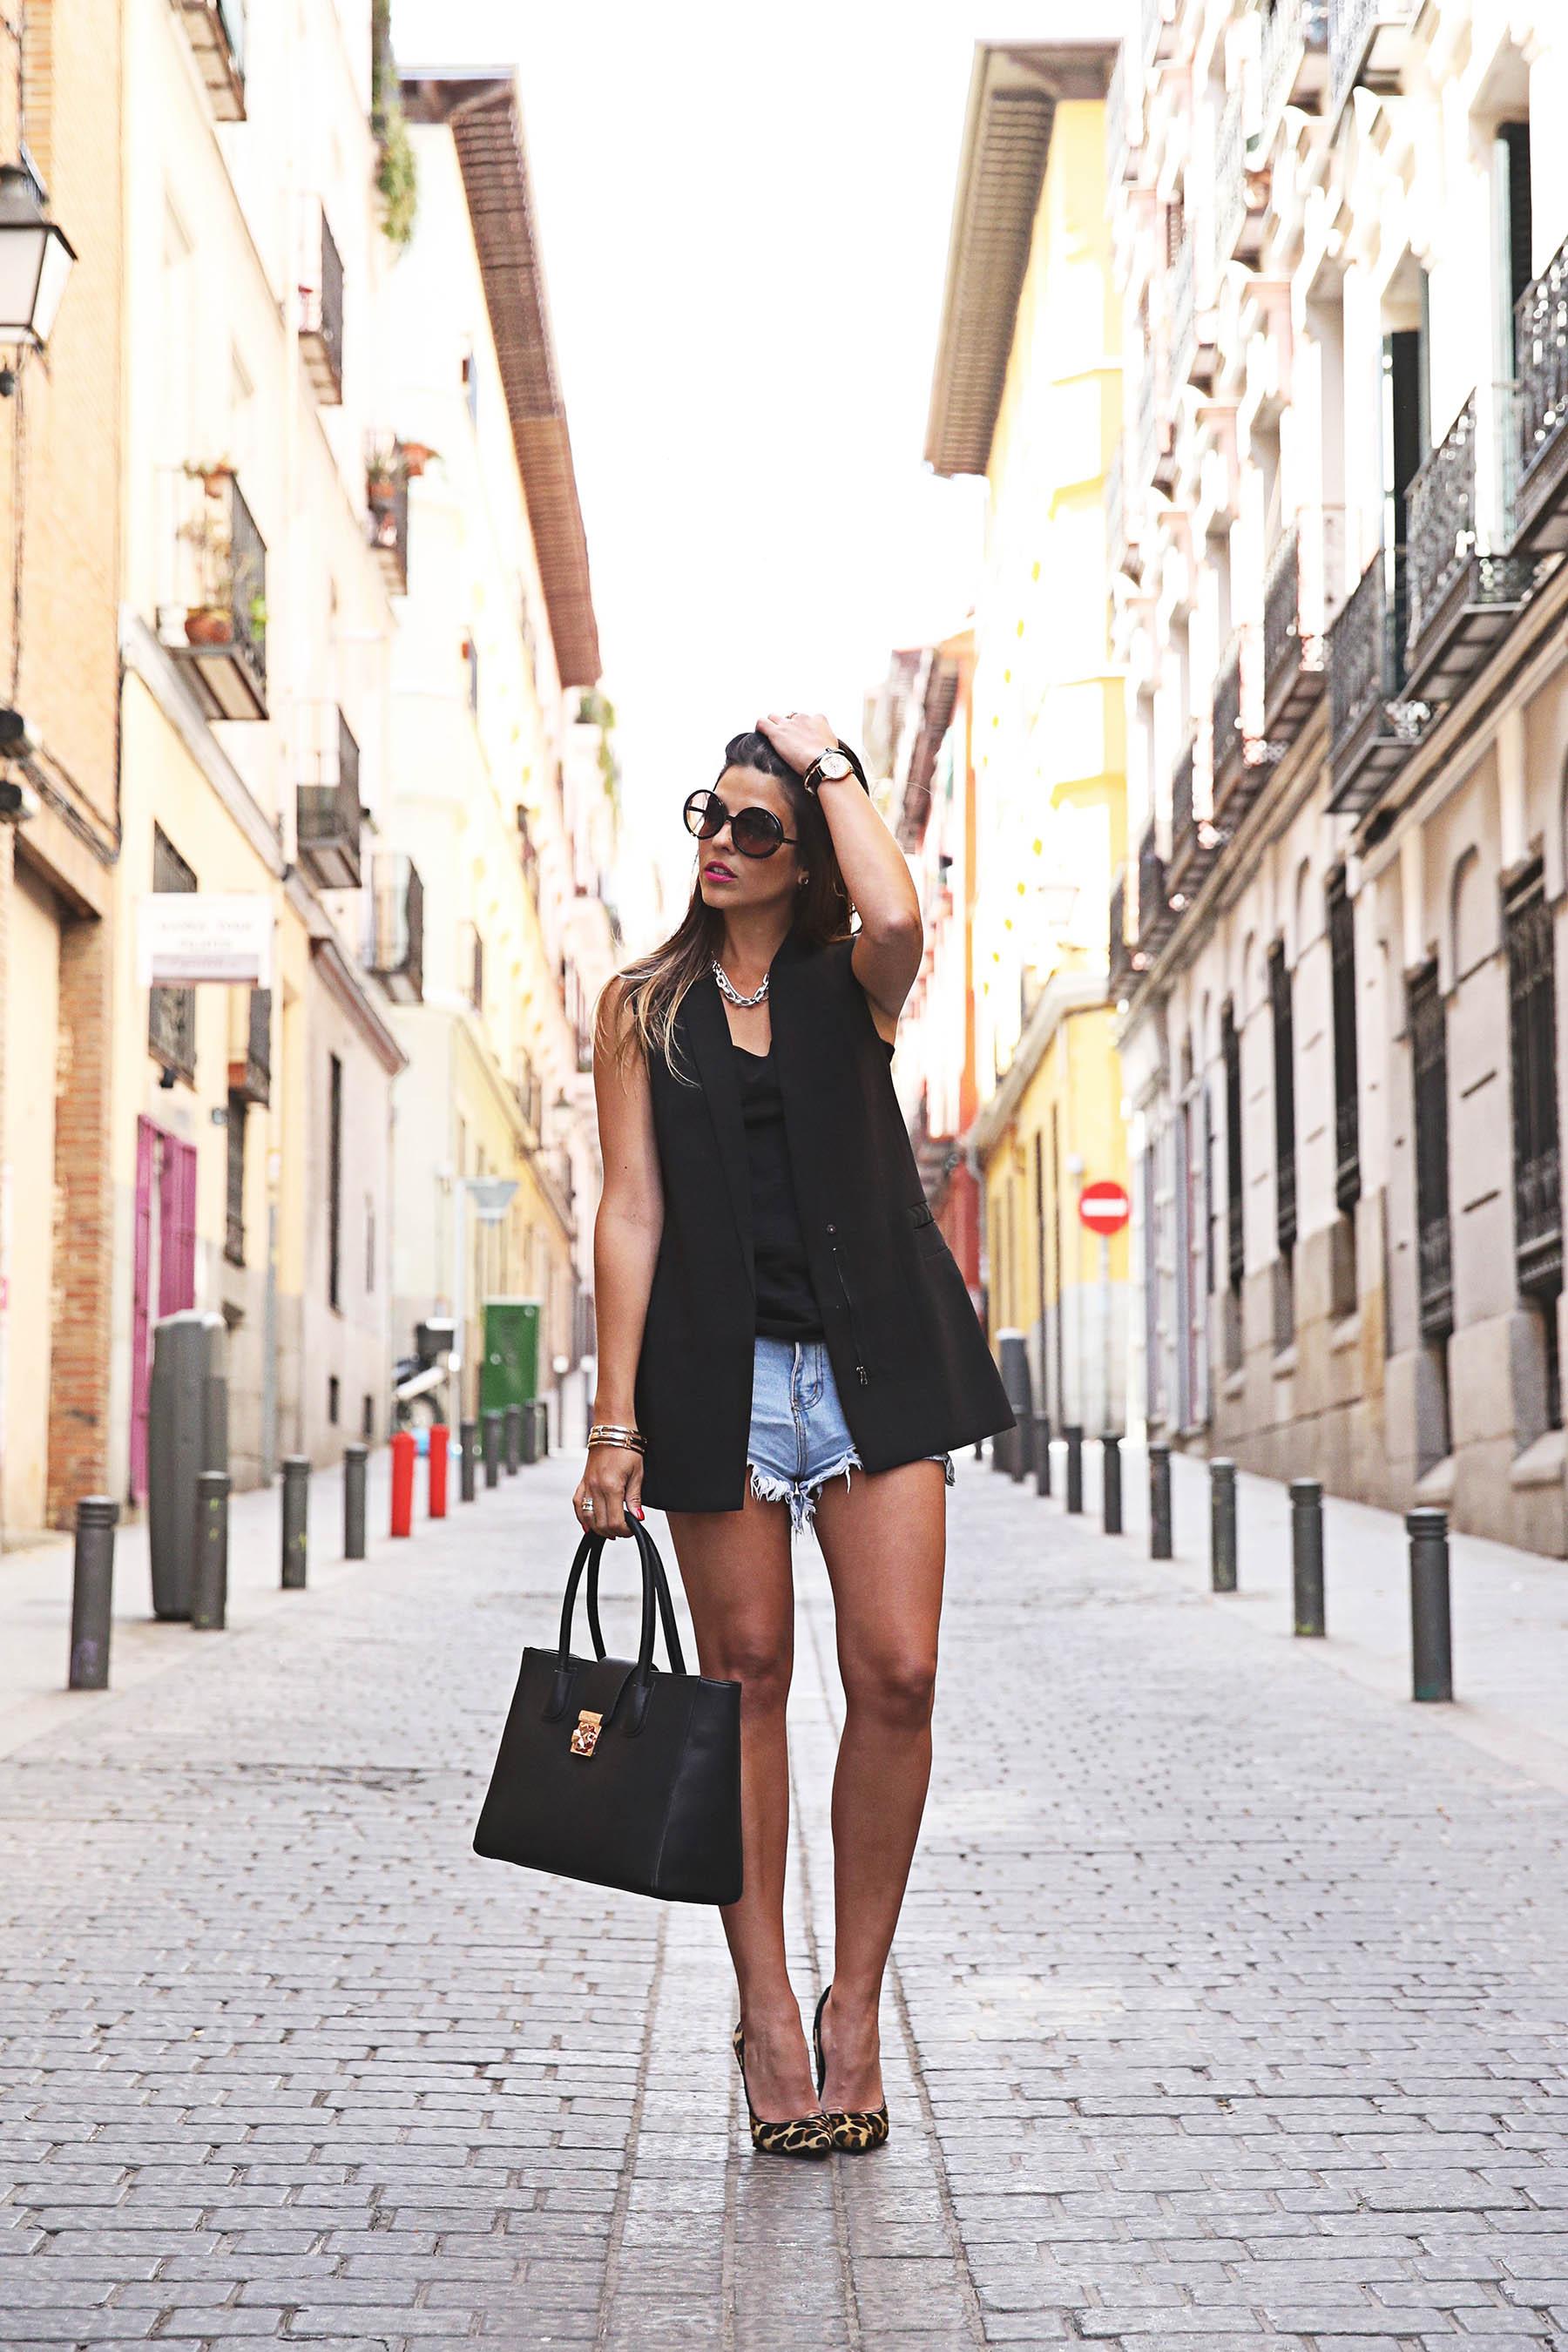 trendy-taste-look-outfit-street-style-ootd-blog-blogger-fashion-spain-moda-españa-leo-print-estiletos-mas34-leather-bag-denim-shorts-vaqueros-rotos-4